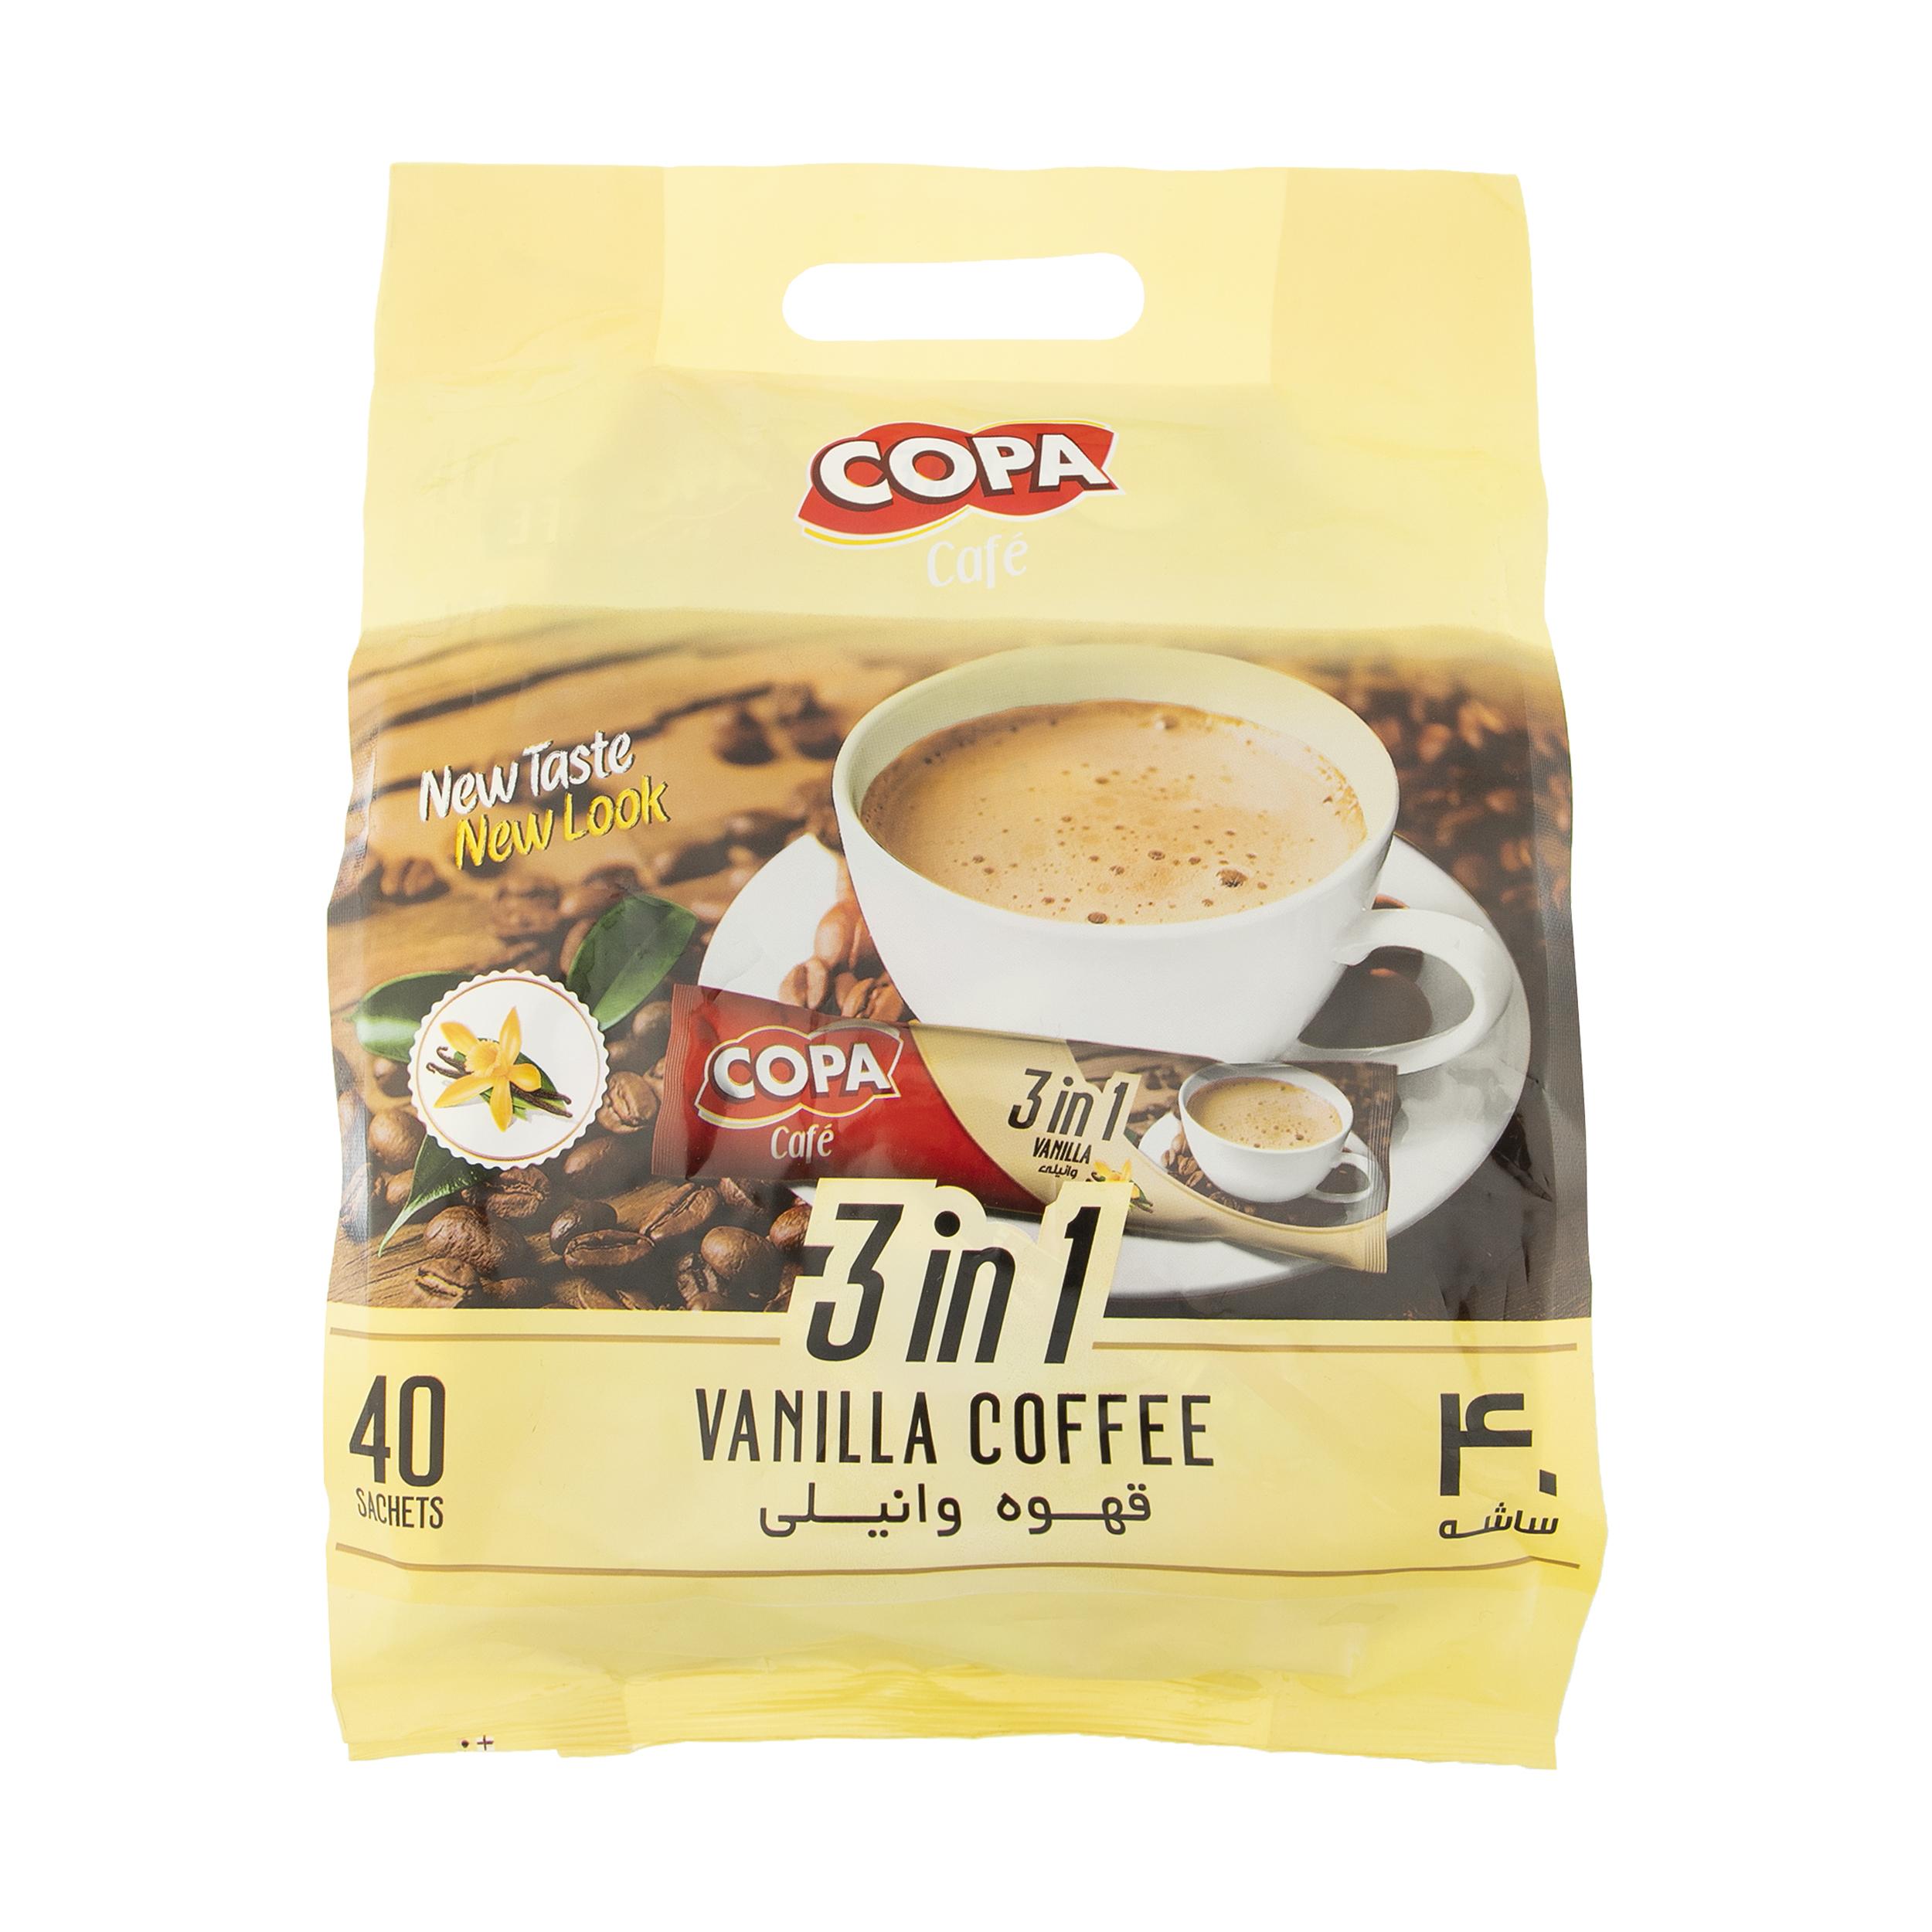 قهوه وانیلی 3 در 1 کوپا بسته 40 عددی